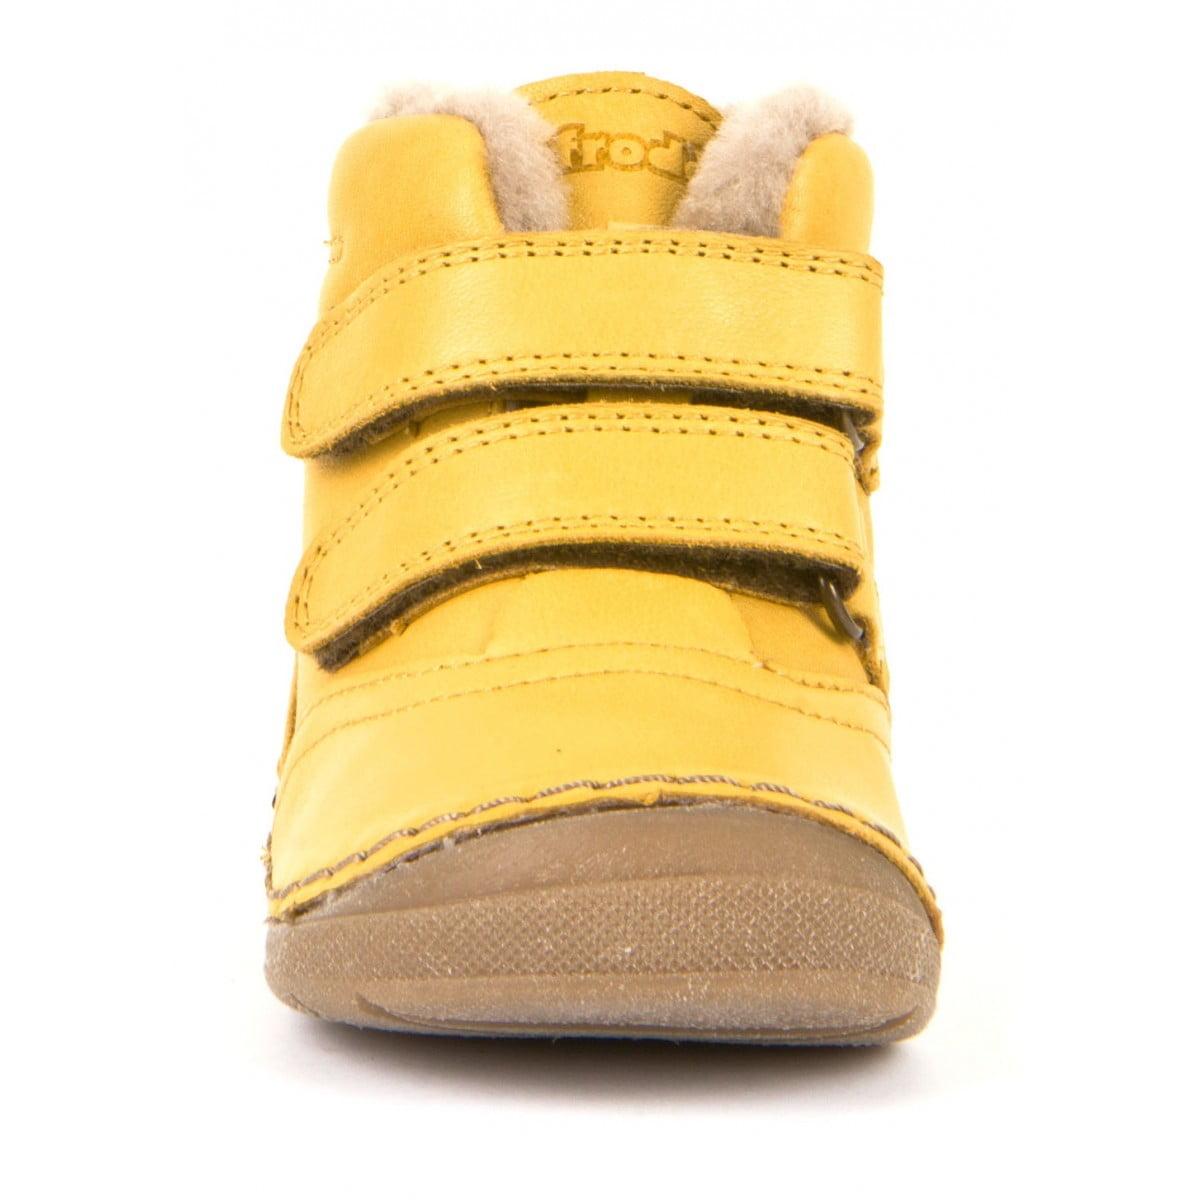 Ghete din piele cu velcro căptuşite cu blană de miel şi talpă flexibilă yellow Froddo 4